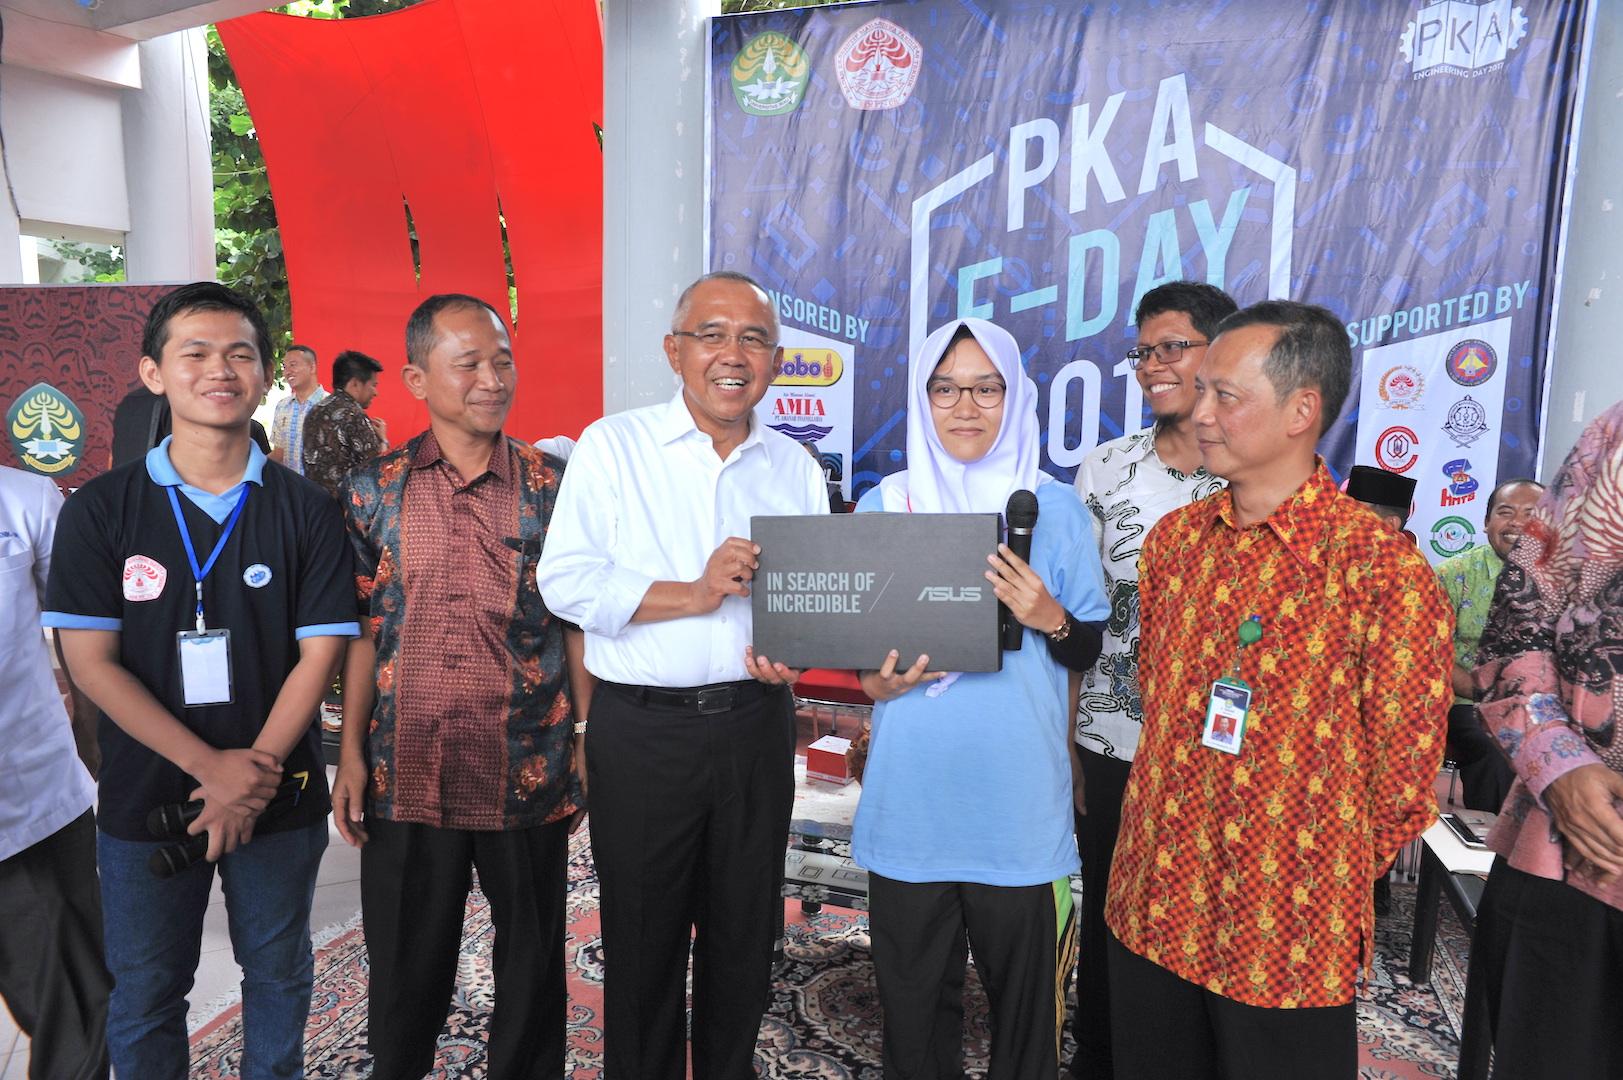 Gubernur Riau H Arsyadjuliandi Rachman Dalam Suatu Kesempatan Acara (Foto : Humas Riau) - (Ada 0 foto)